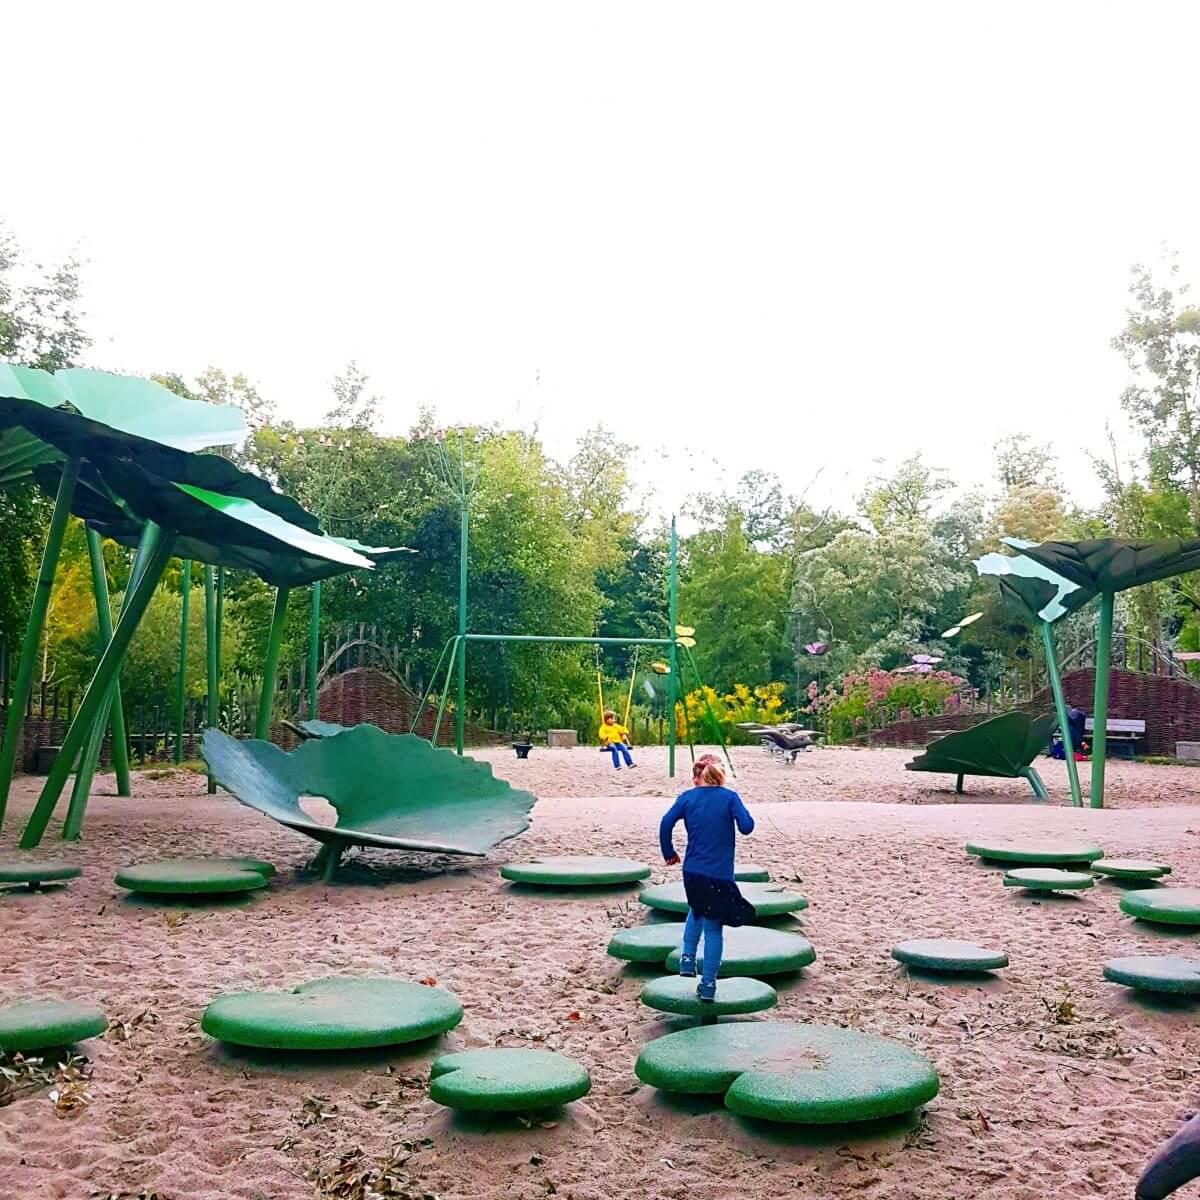 Vakantie met kids: sprookjesachtig Funen in Denemarken - moderne stad Odense met historie van Hans Andersen - Munke Mosen Legeplads